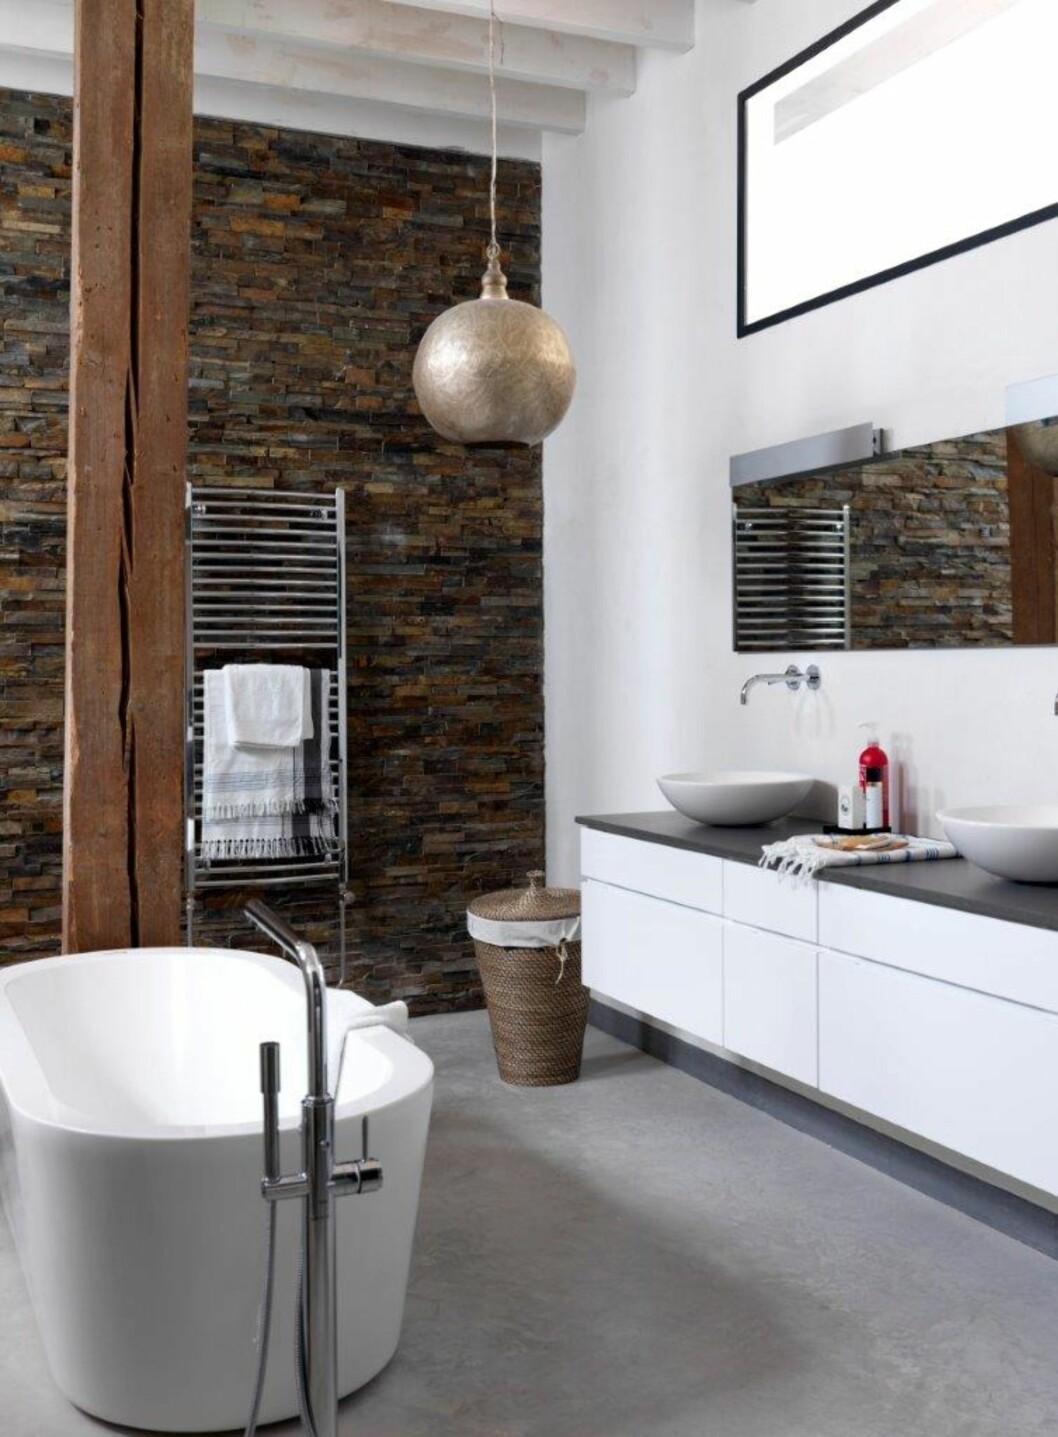 SPENNENDE: Steinveggen, metallampen, og bruk av rått treverk og kurv gjør dettte baderommet alt annet enn kjedelig. Foto: IDECOR IMAGES